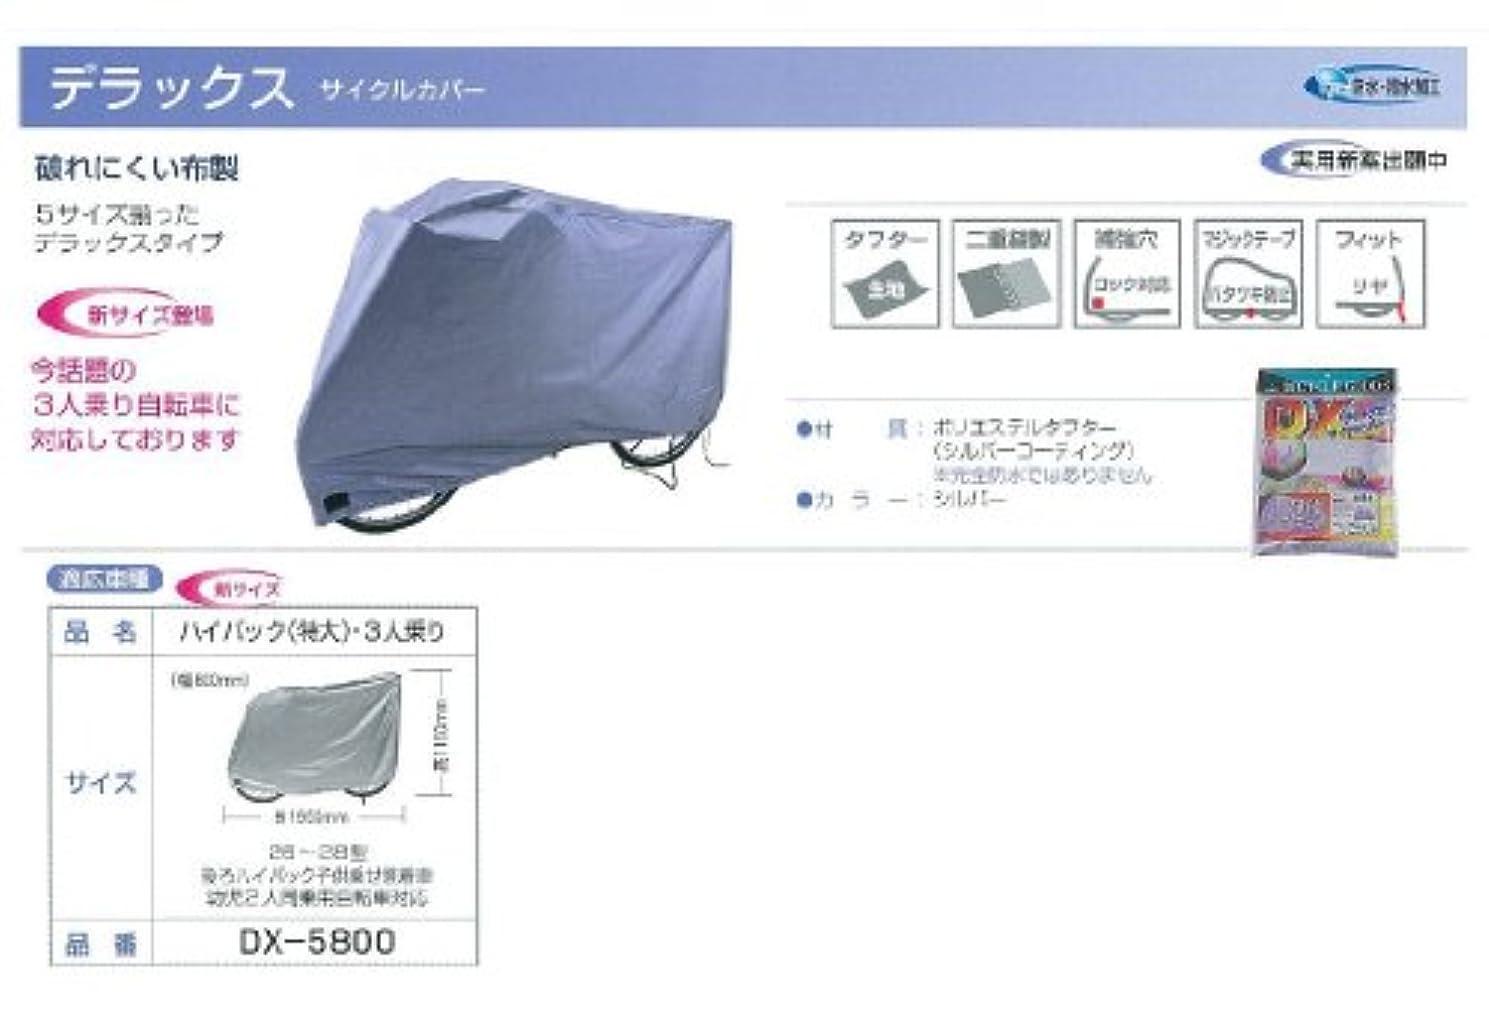 飼い慣らす部分的に持っている大久保製作所 DX-5800 デラックス サイクルカバー タイプ:ハイバック(特大) 3人乗り (サイクルカバー) MARUTO マルト